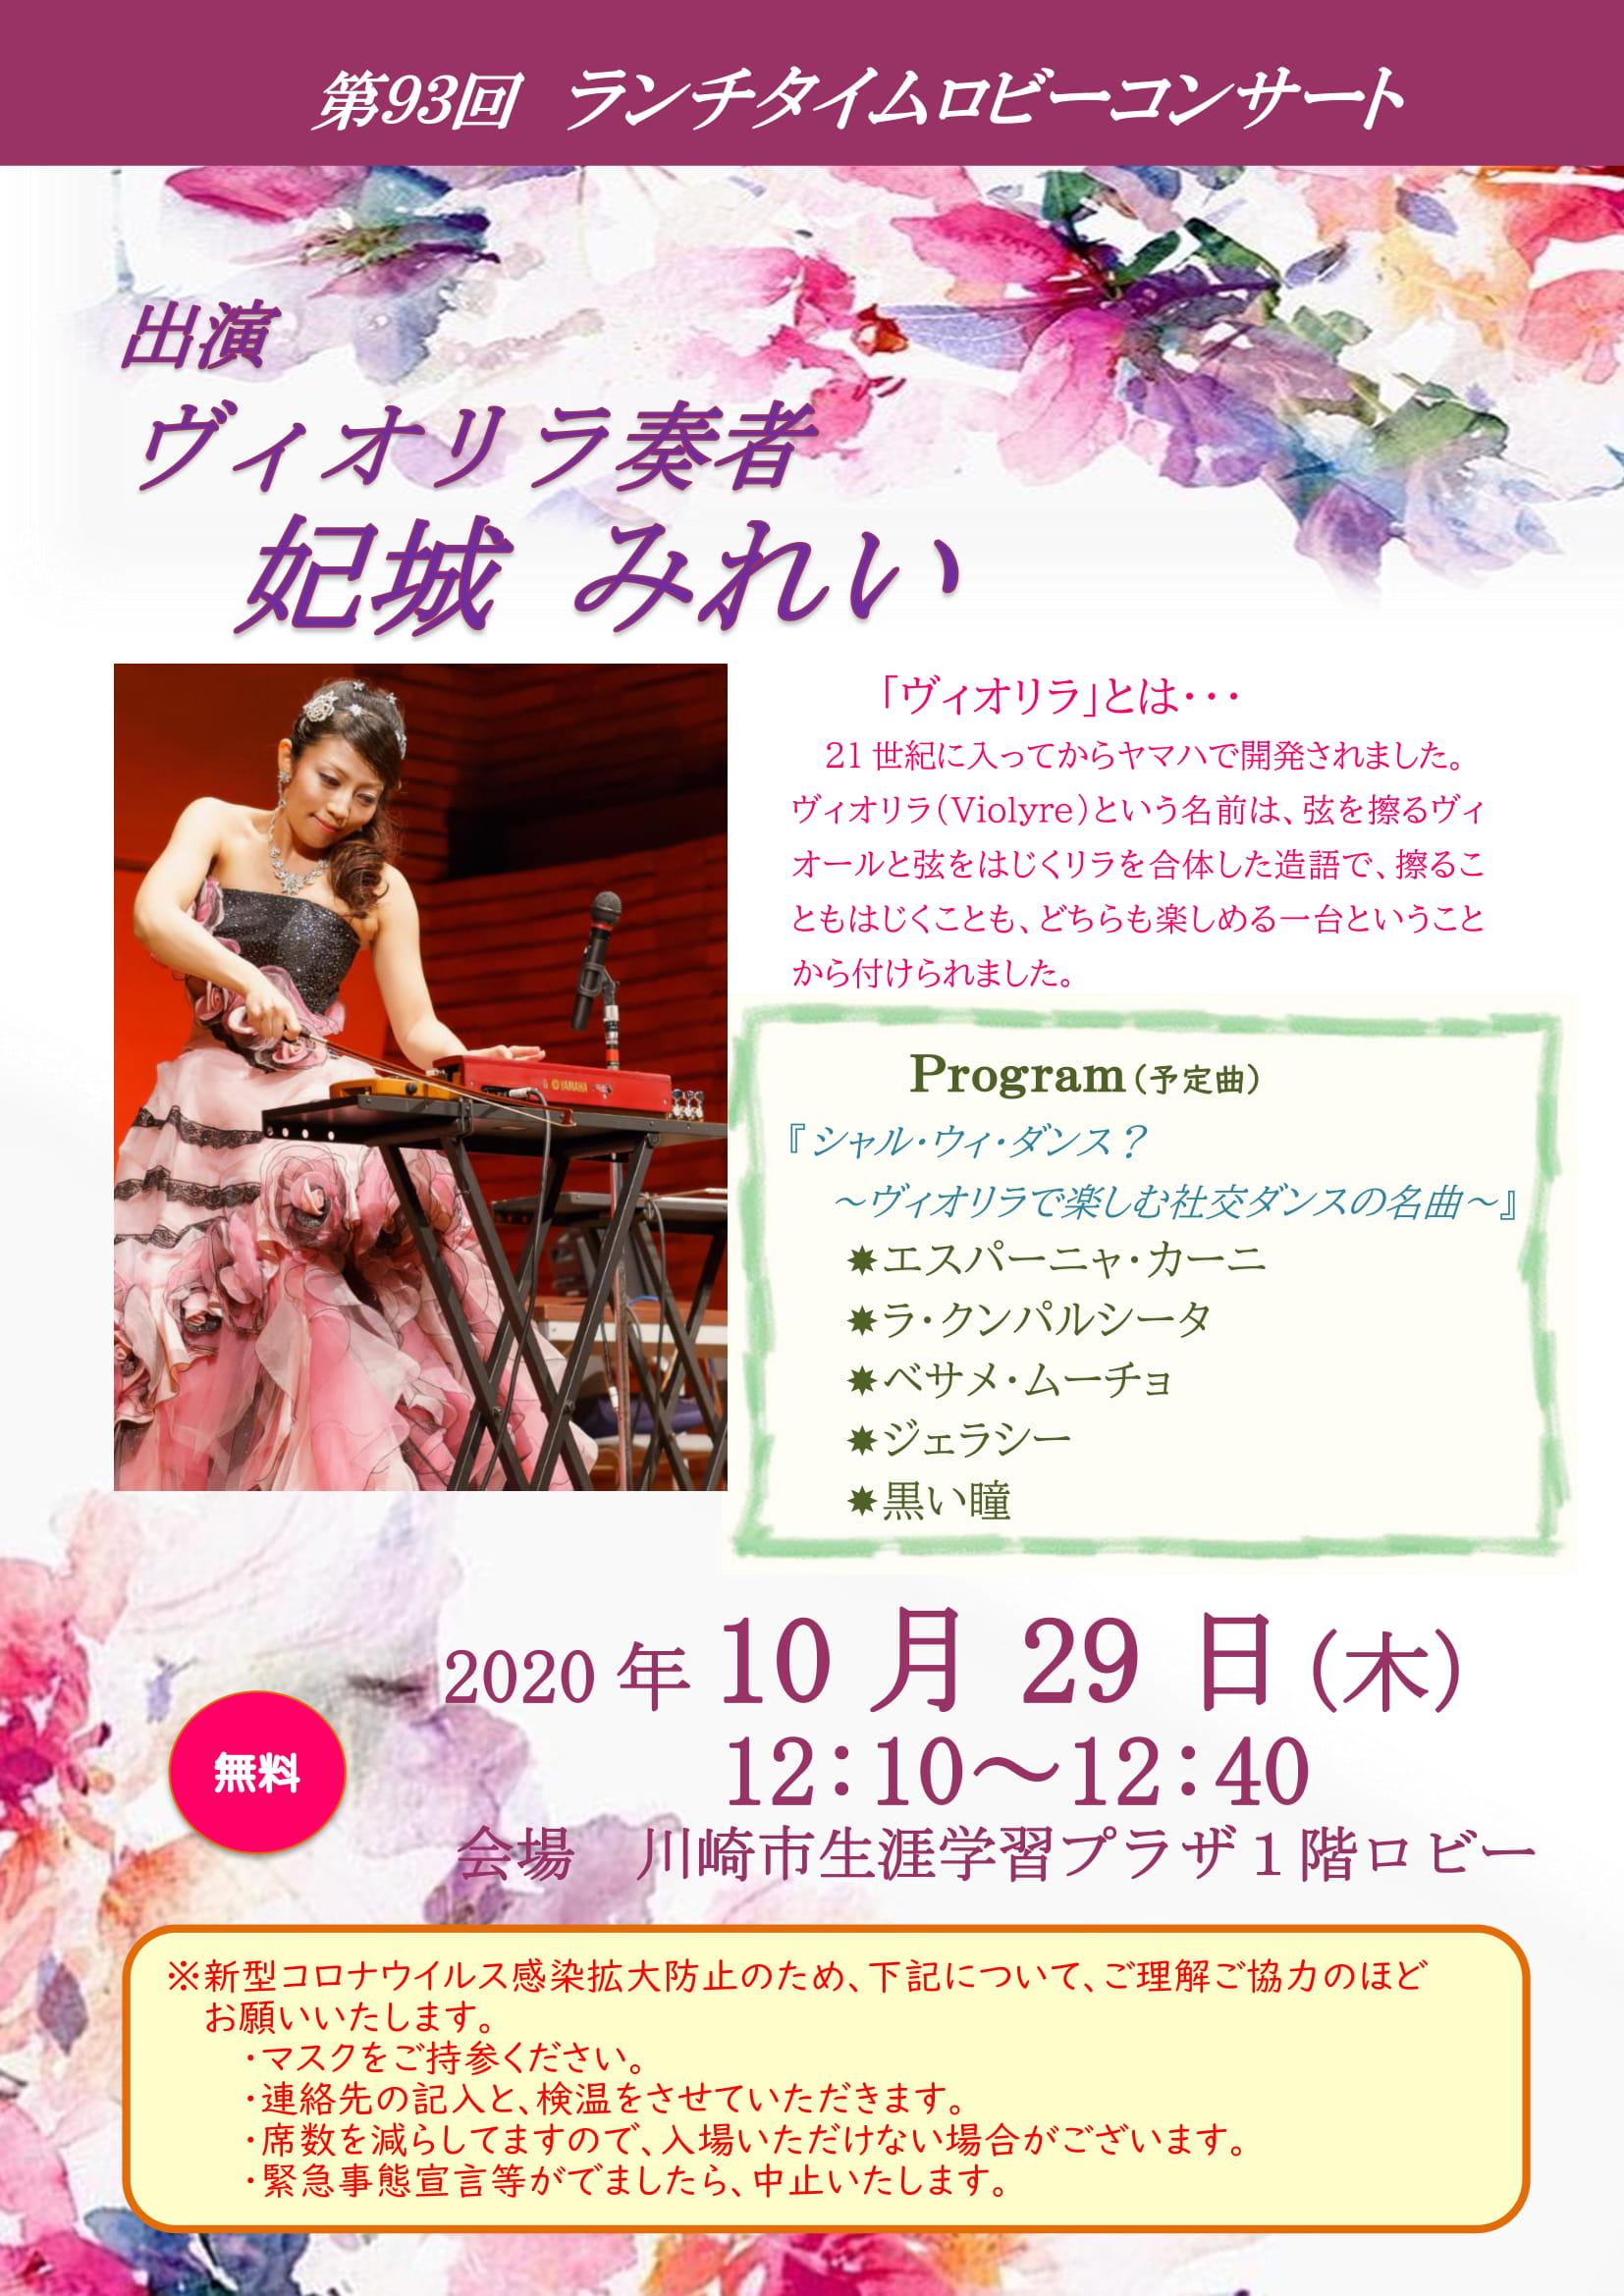 《イベント情報》ランチタイムロビーコンサート